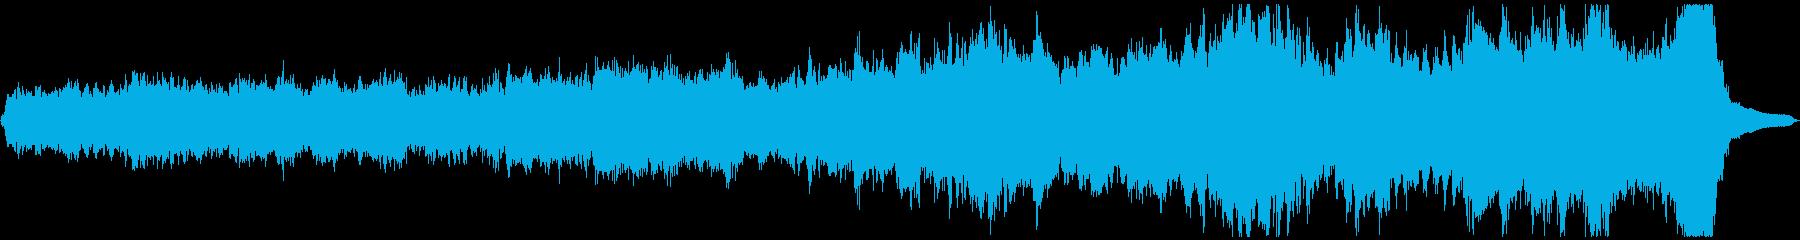 ディズニー風ワルツの豪華なエンディング!の再生済みの波形